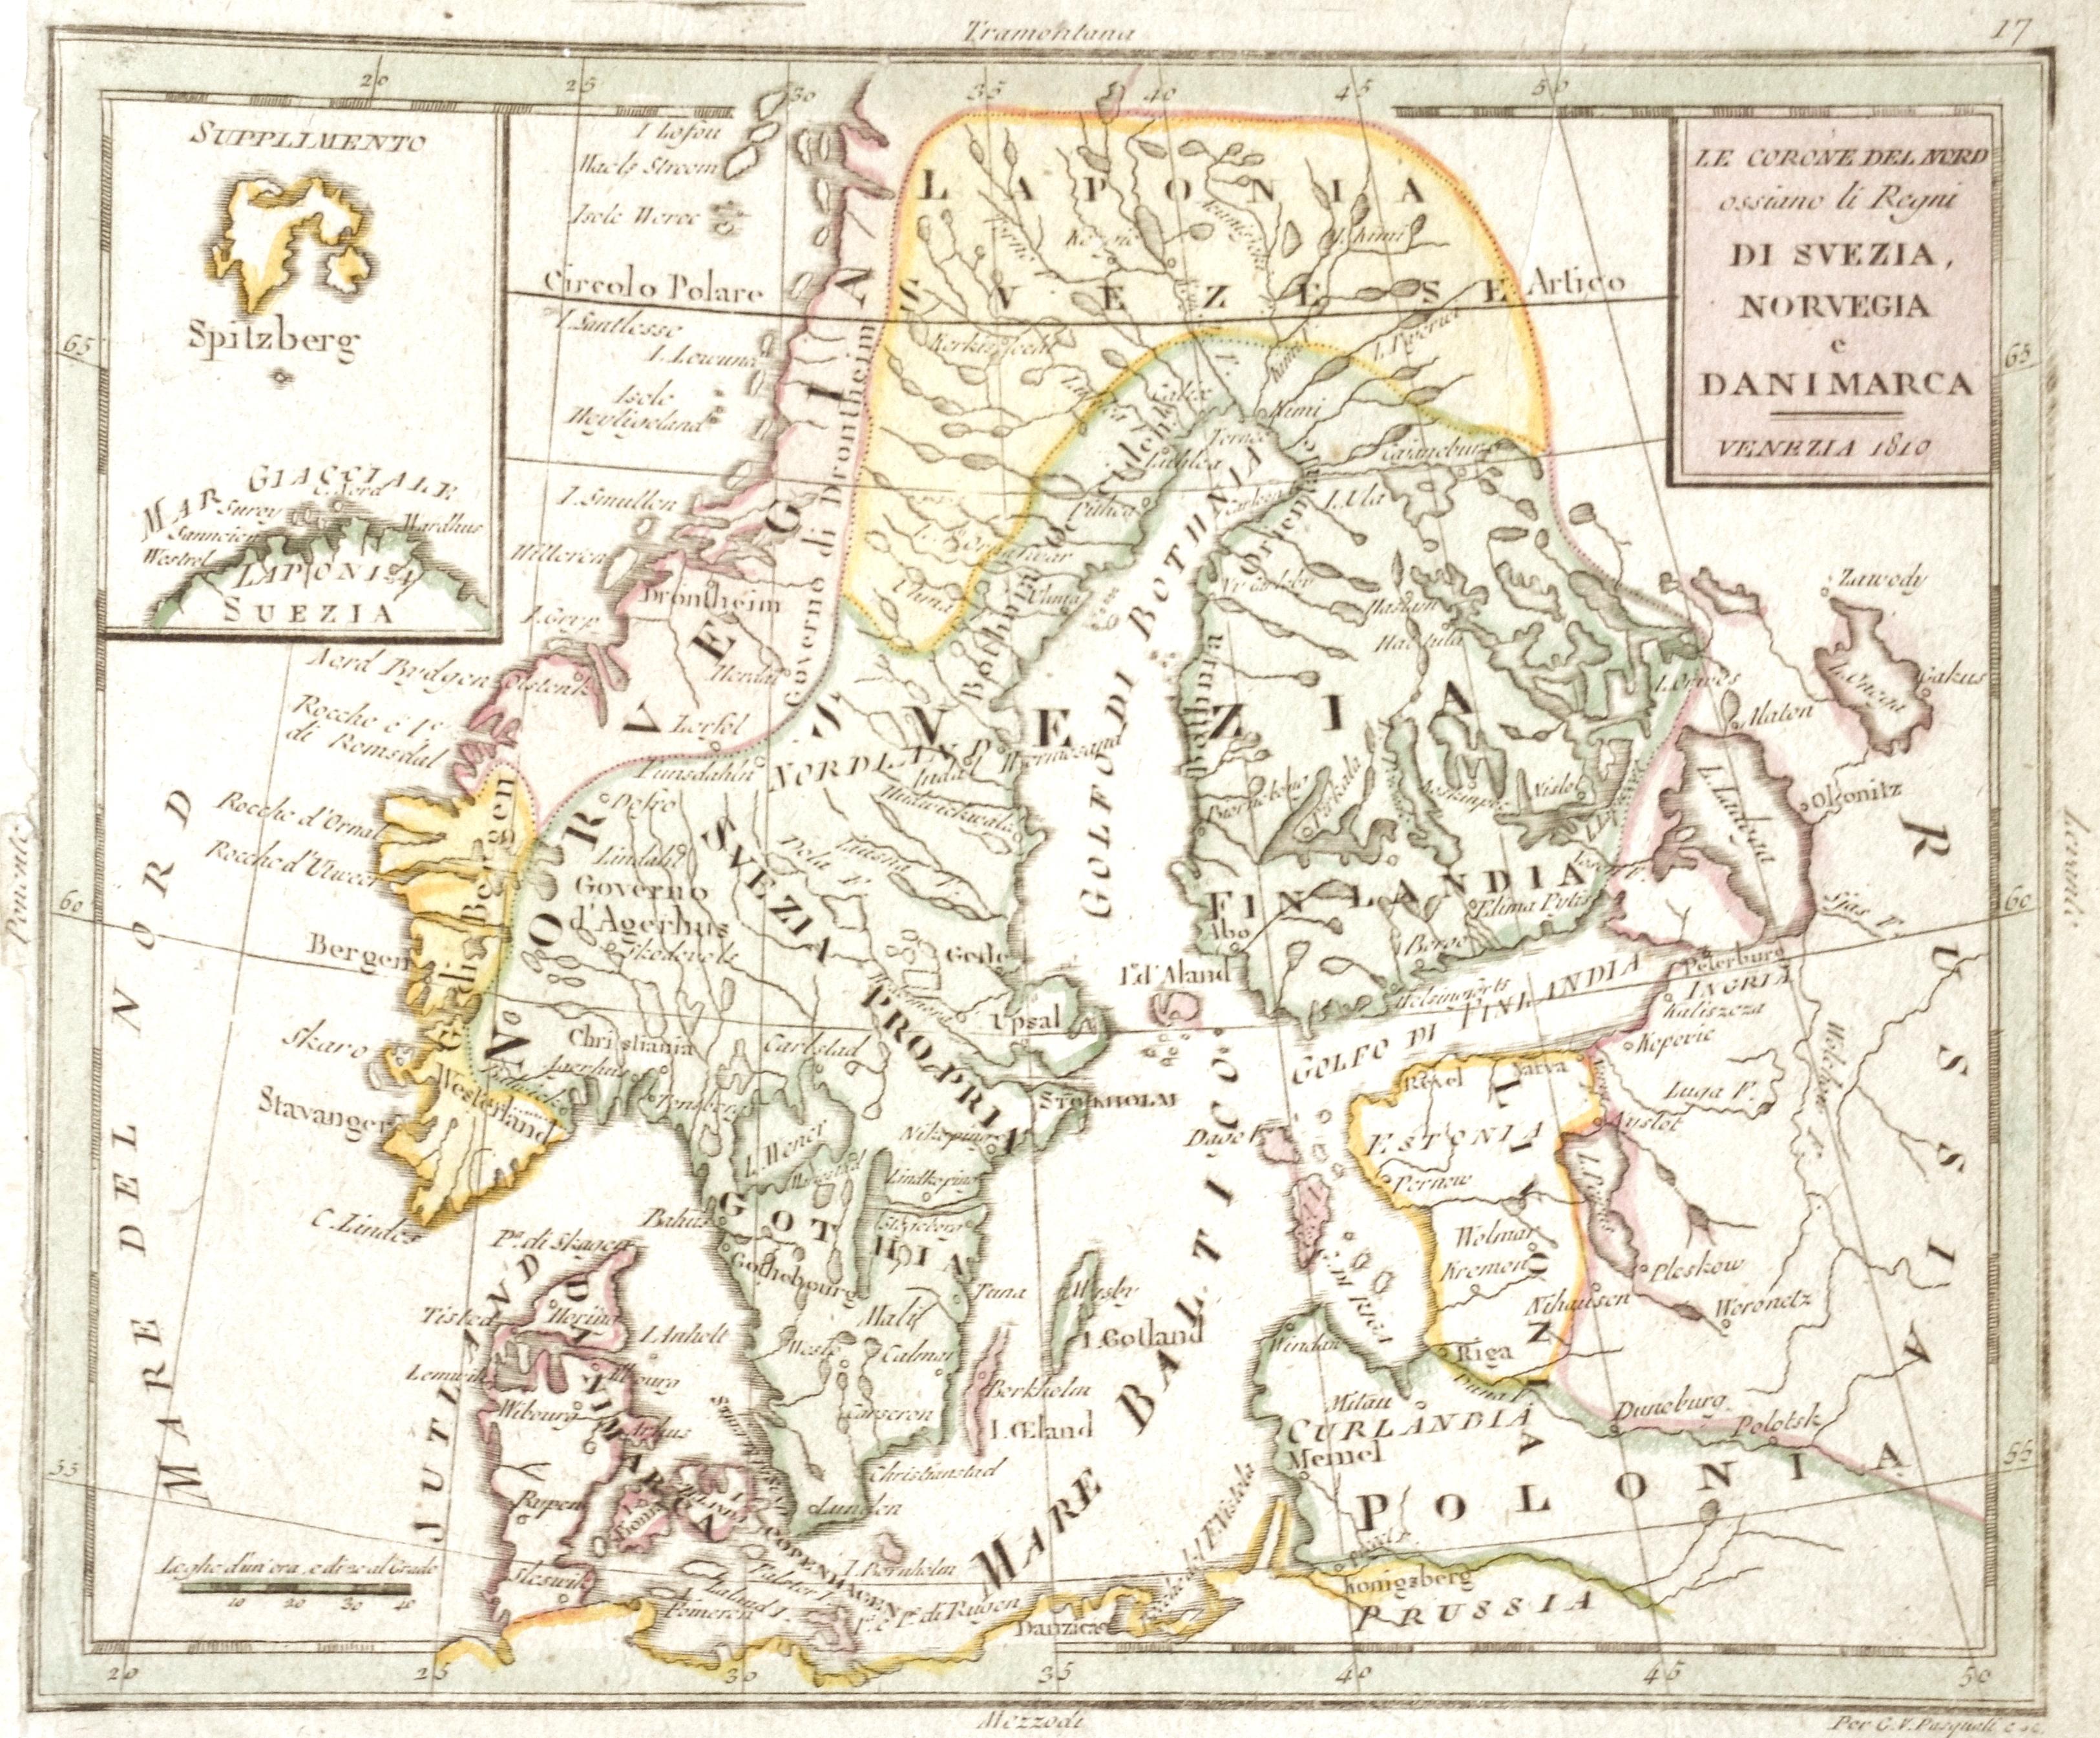 Pasquali  Le Corone del Nord ossiano li Regni di Svezia, Norvegia e Danimarca